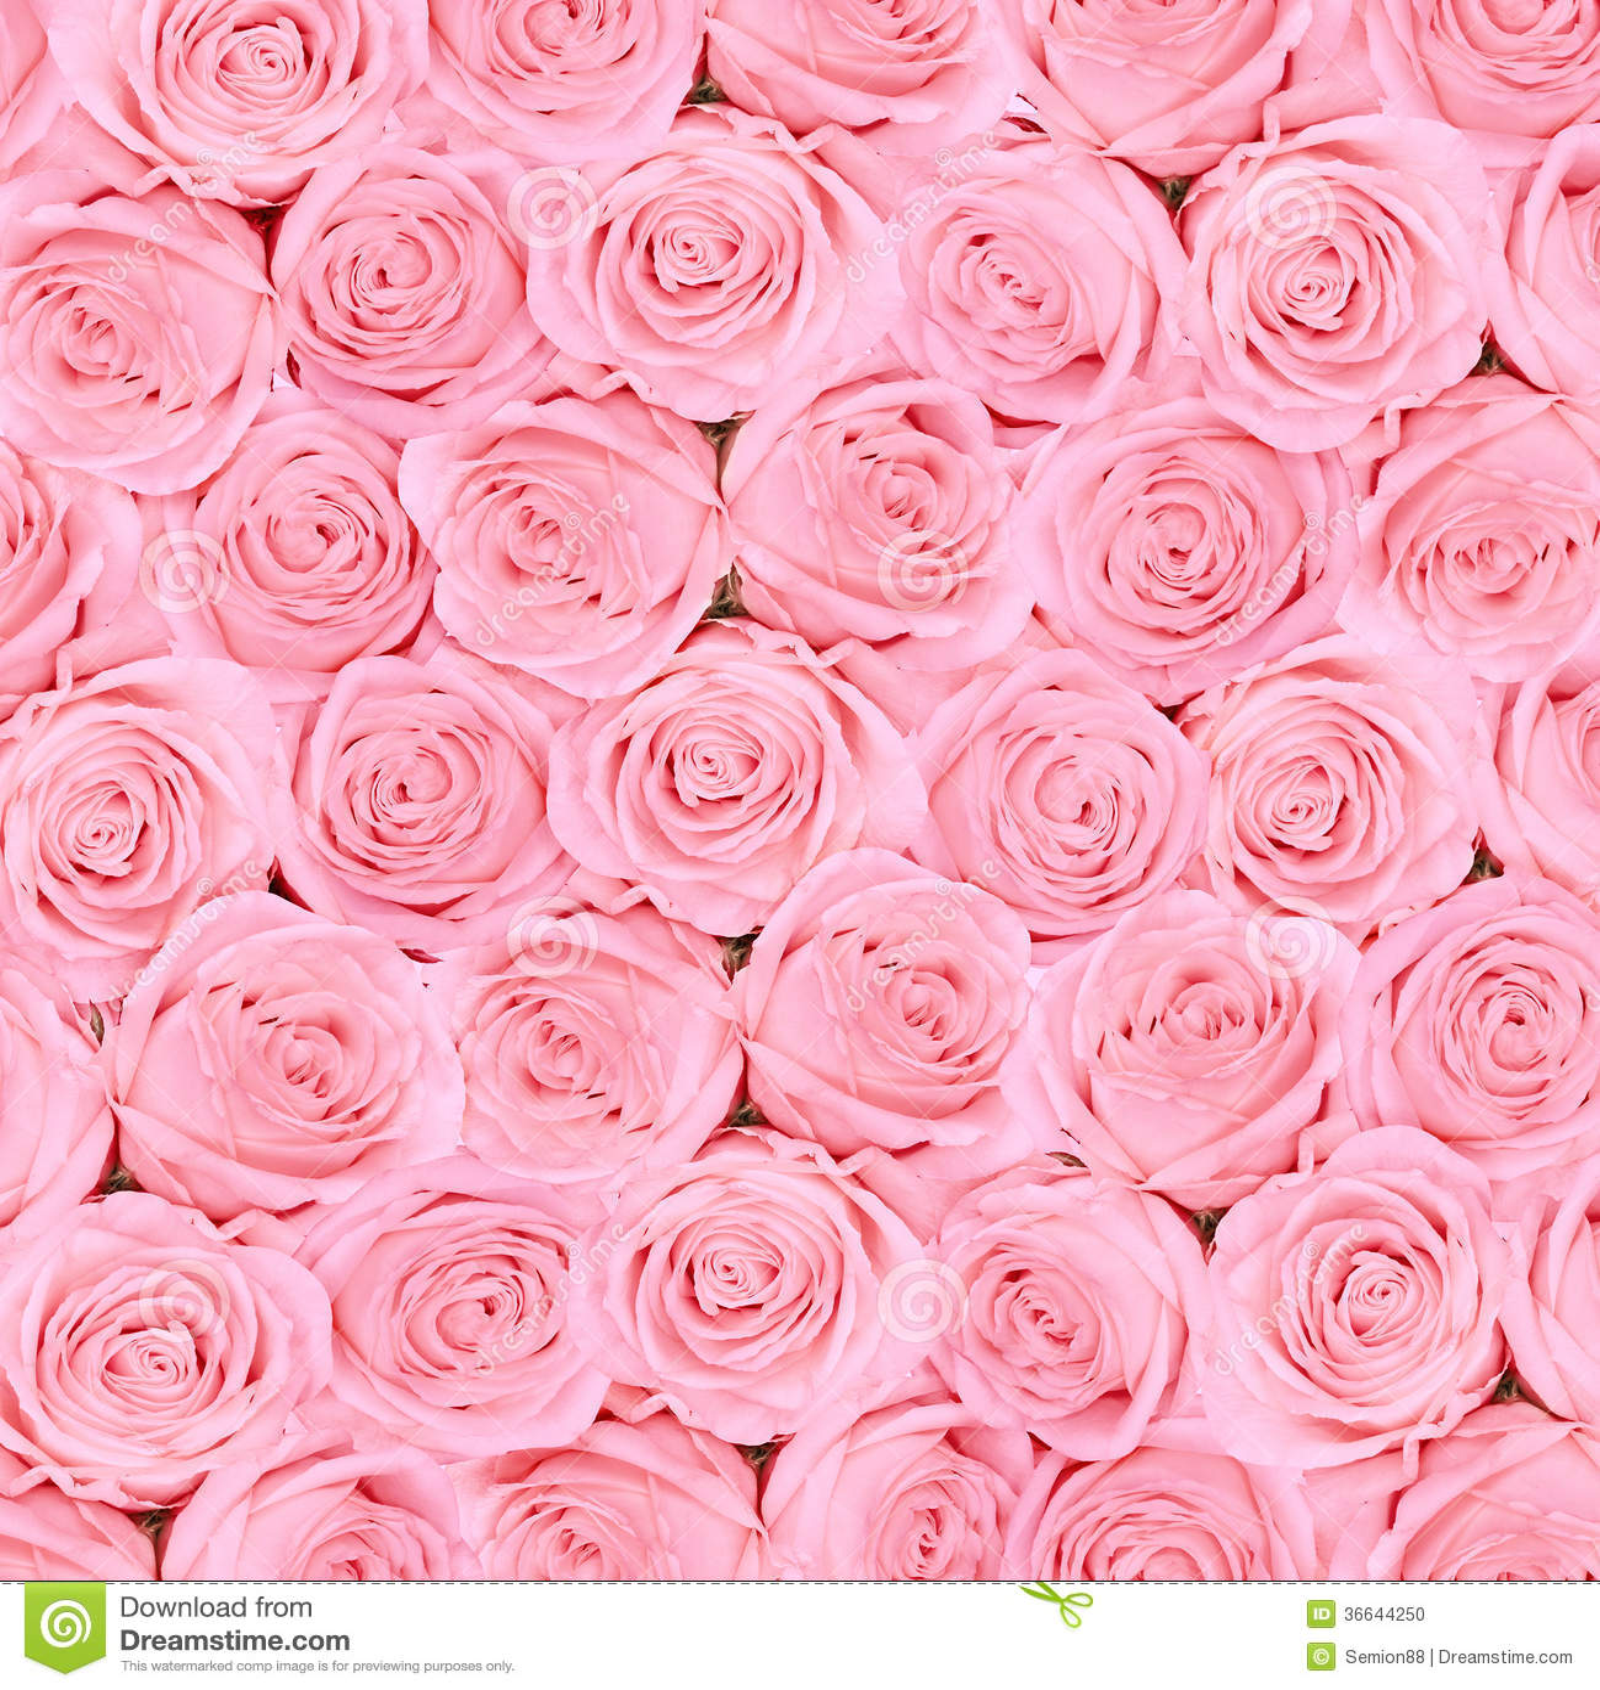 hintergrund von rosa hellen sch nen rosen stockfoto bild von sch n floral 36644250. Black Bedroom Furniture Sets. Home Design Ideas